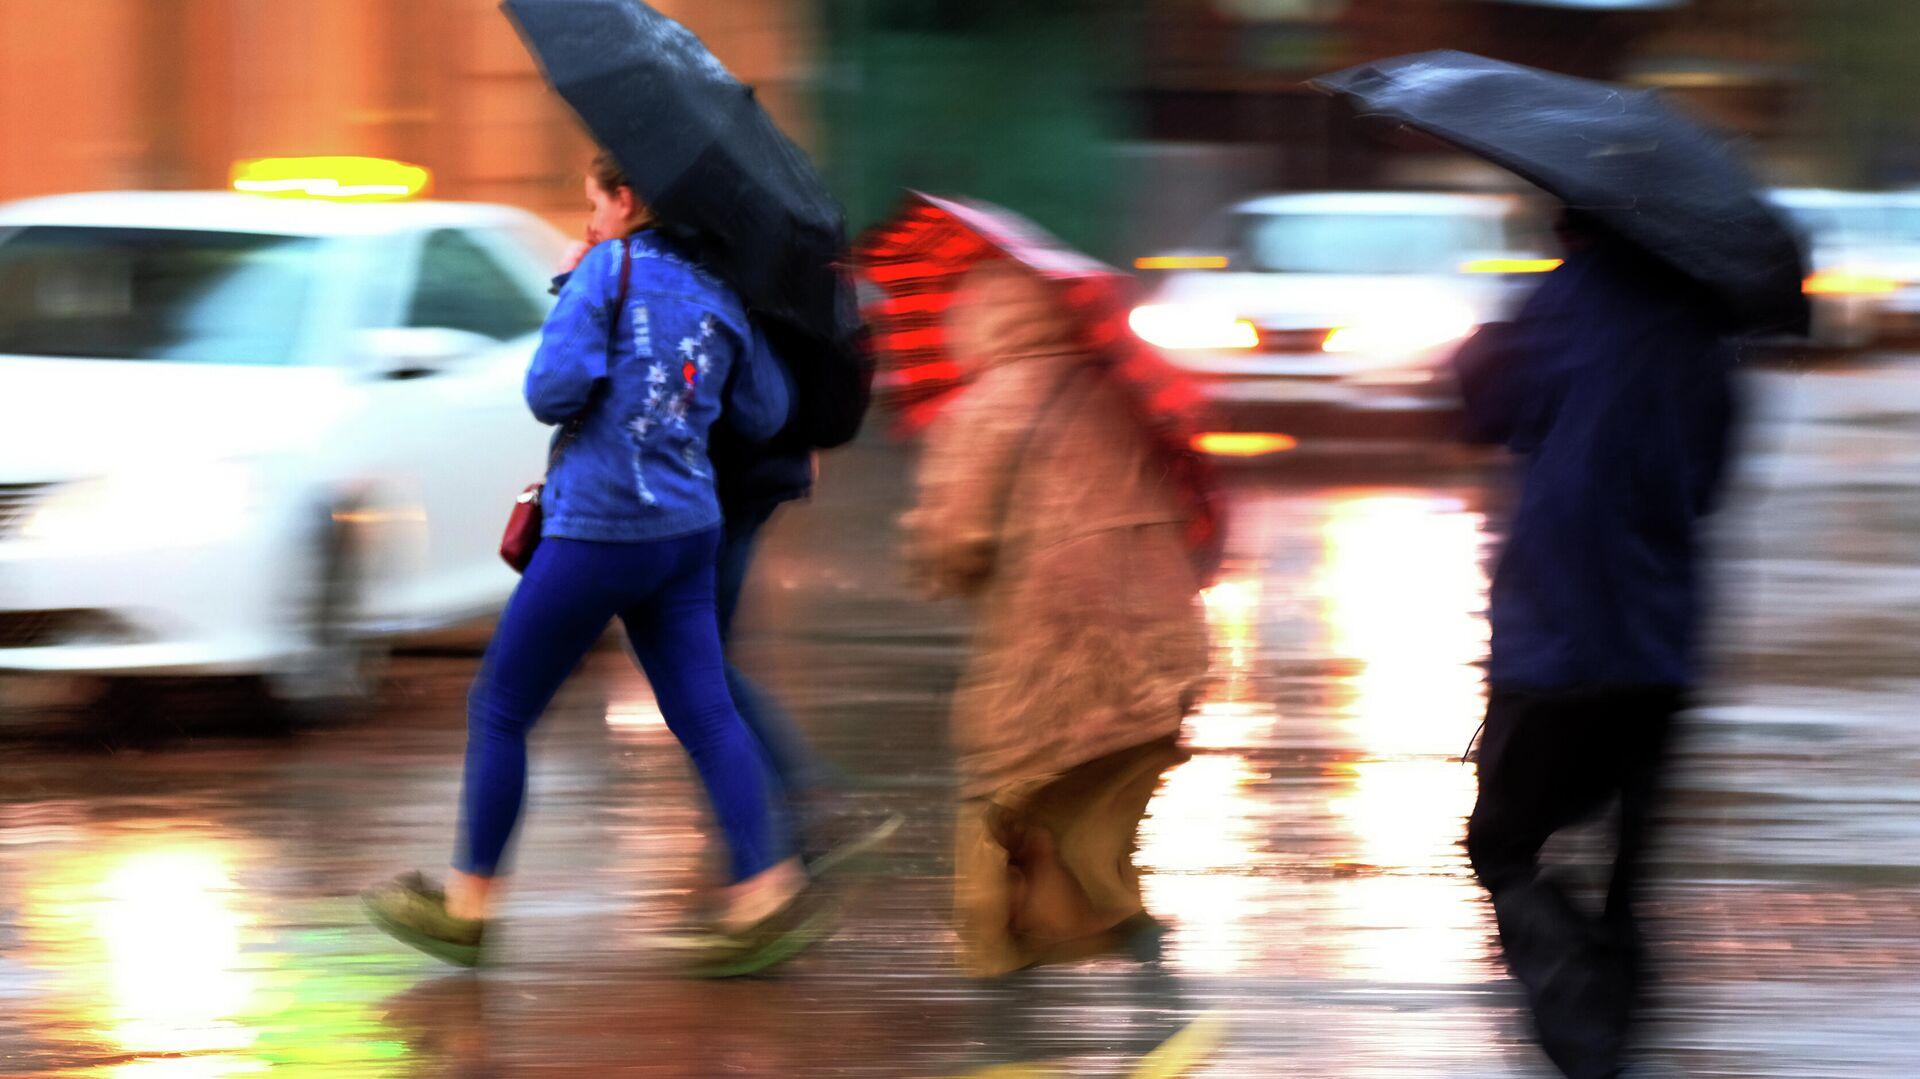 Пешеходы на улице во время сильного дождя - РИА Новости, 1920, 28.07.2021